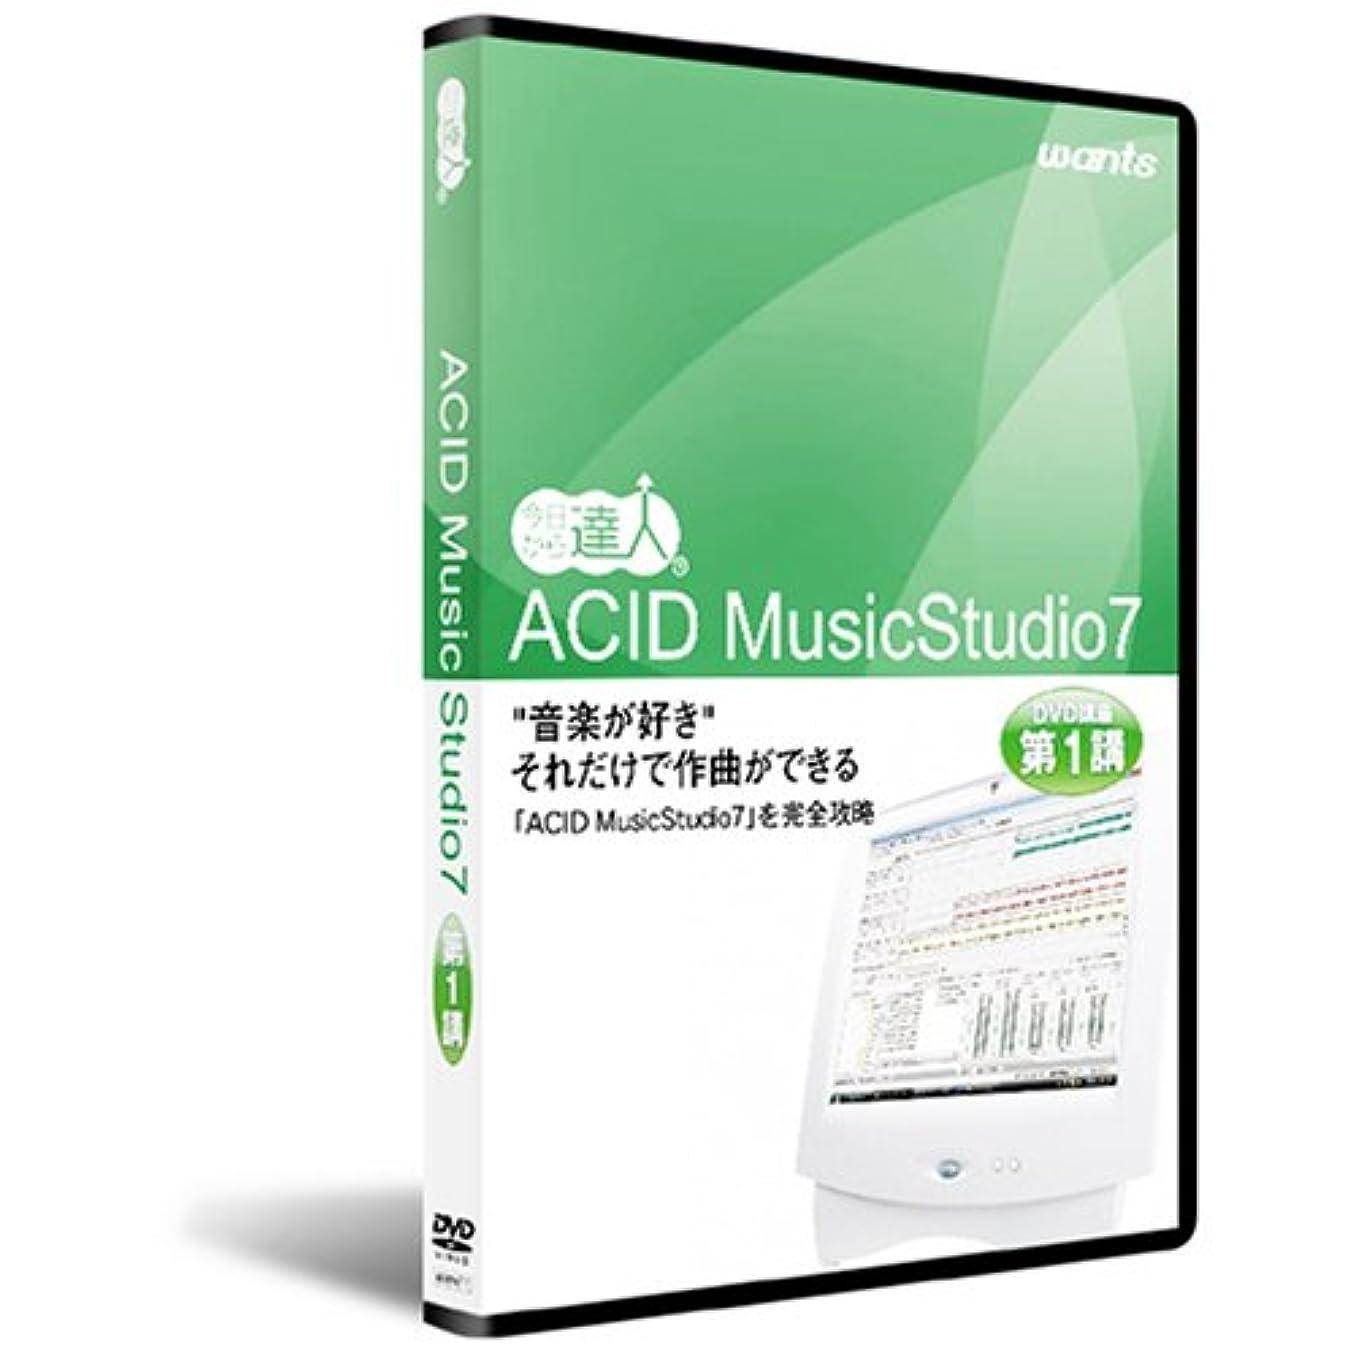 ジレンマオリエンテーション悲しむACID MusicStudio7:DVD講座 第1講